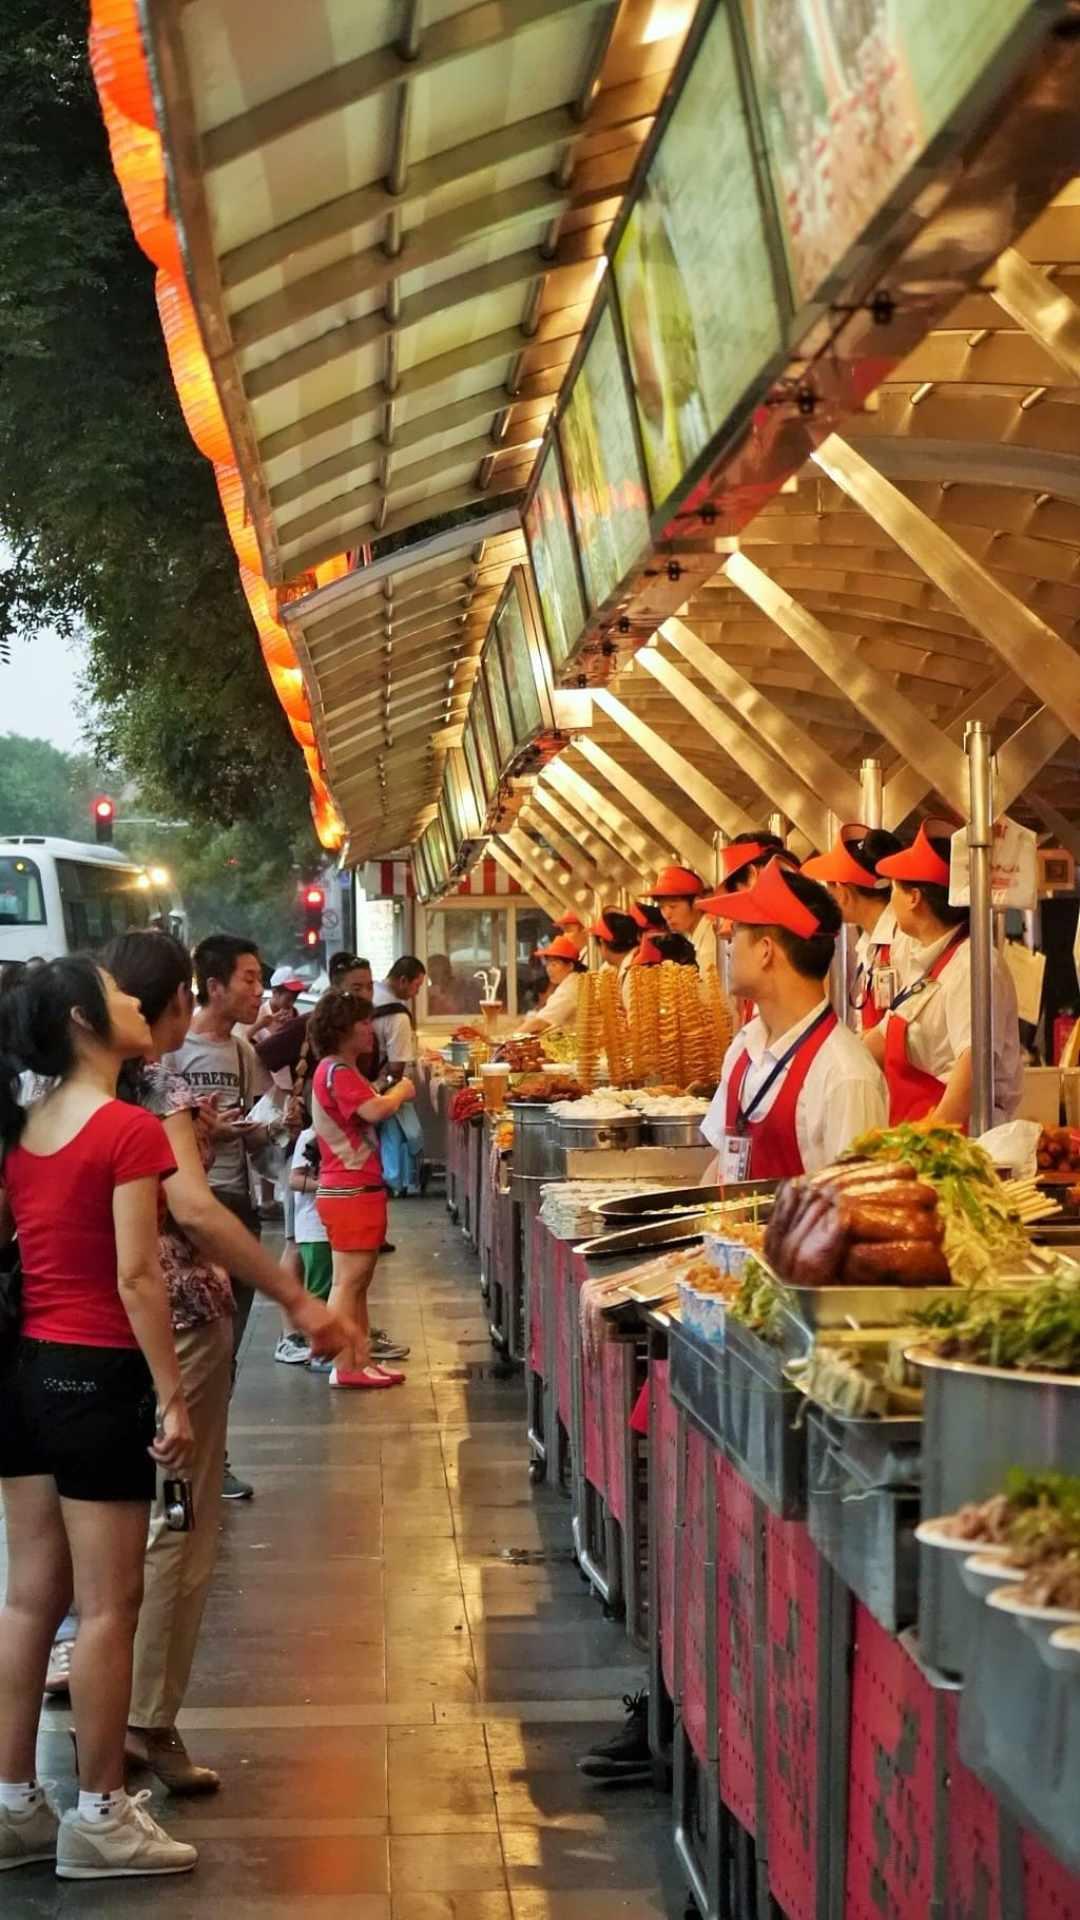 Beijing Night Food market